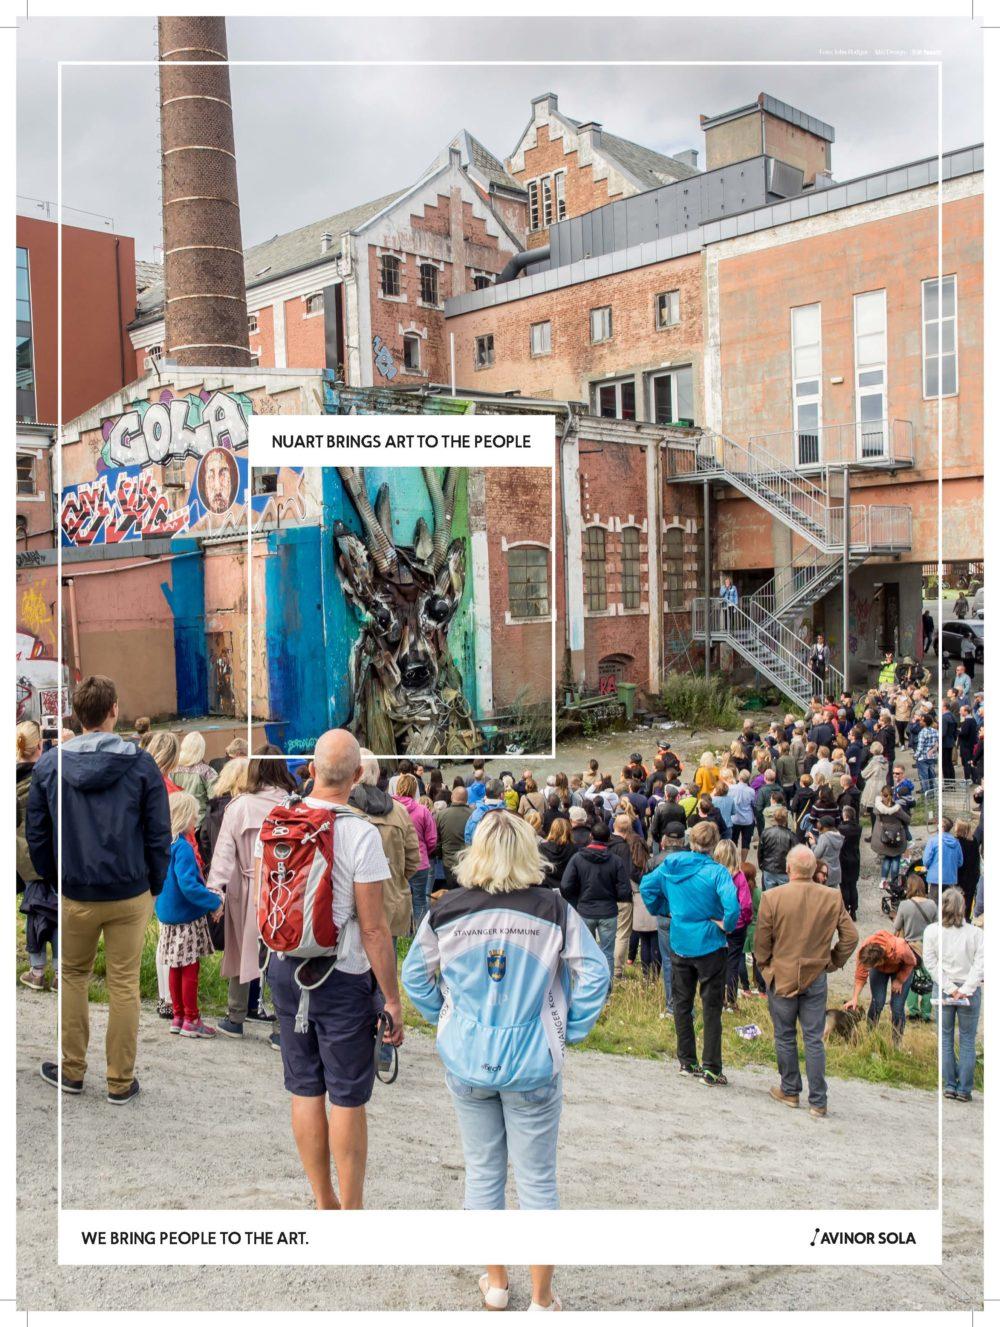 FASETT med Avinor Sola sponser streetartfestivalen NuArt